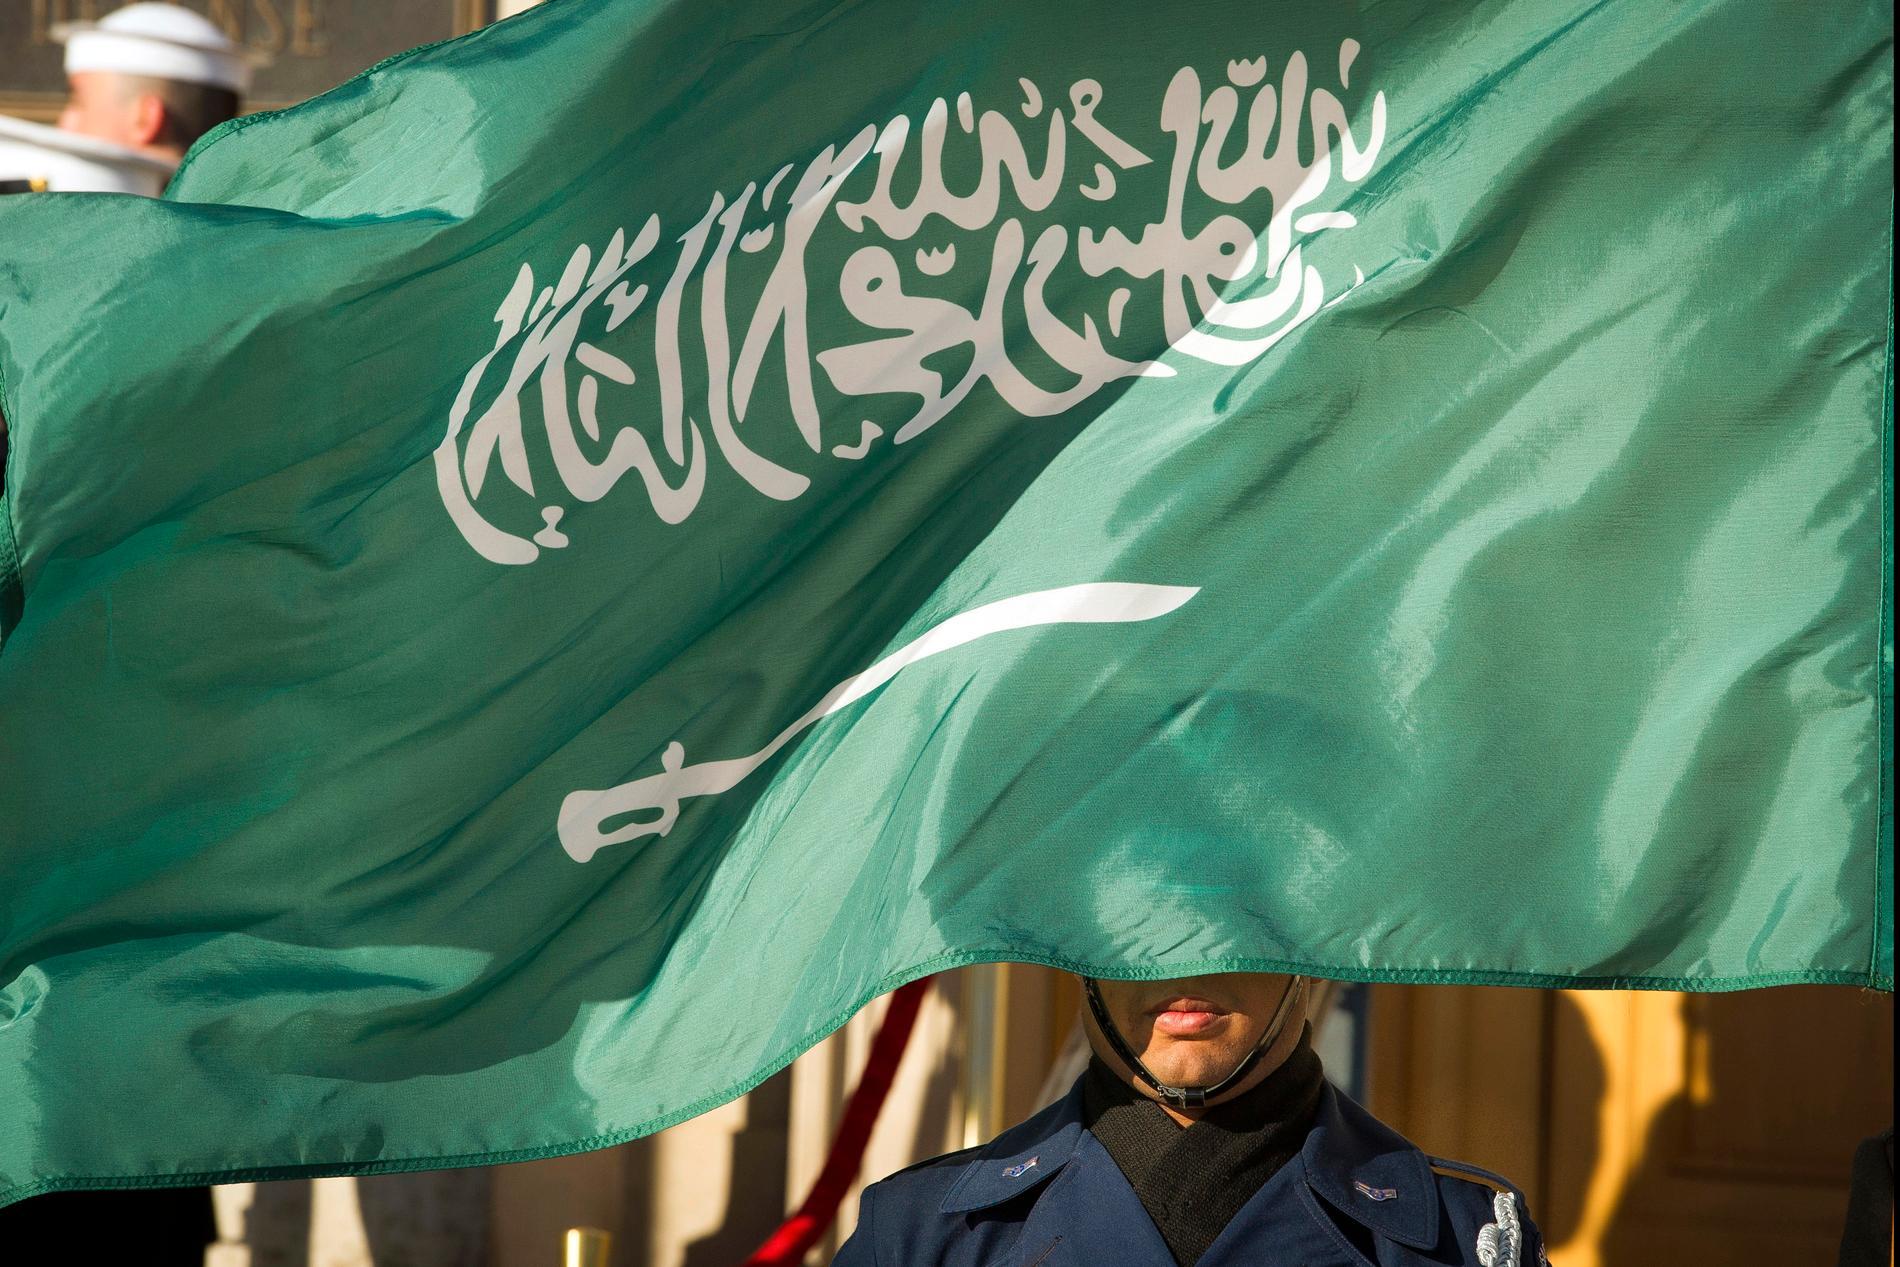 Antalet genomförda avrättningar stiger kraftigt i Saudiarabien, enligt Amnesty. Arkivbild.